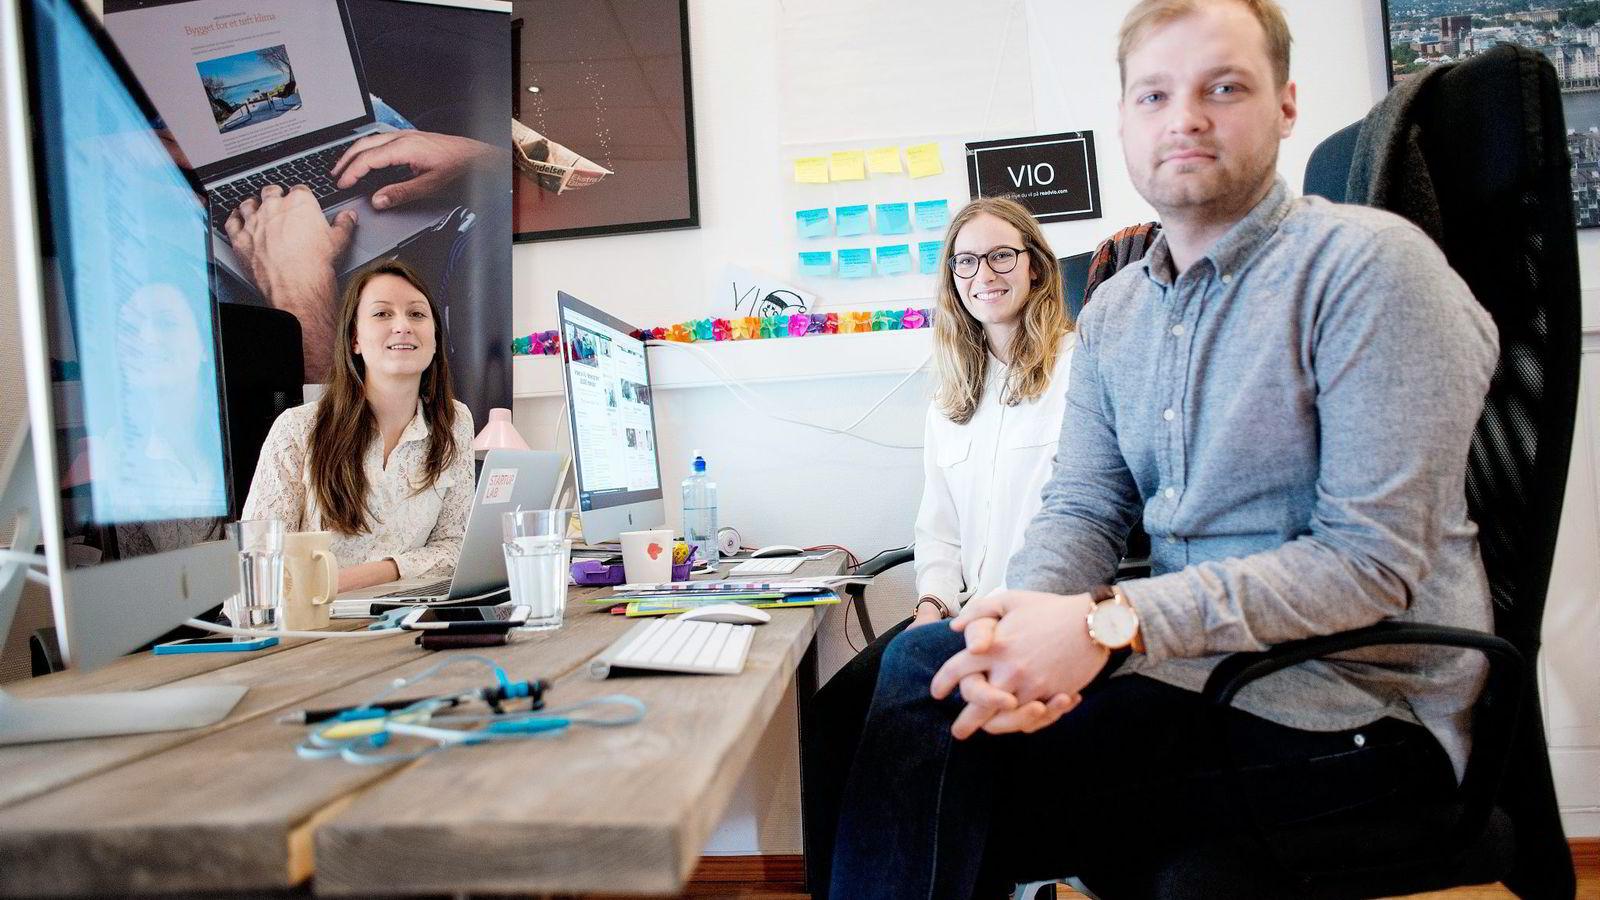 Vio-gründerne Agnes Dyvik (fra venstre), Mari Hæreid og André Wærness-Vold har laget et Netflix for norsk magasinjournalistikk. De har hentet 2,8 millioner kroner fra investorer, men velger å ansette flere fremfor å ta ut lønn selv.